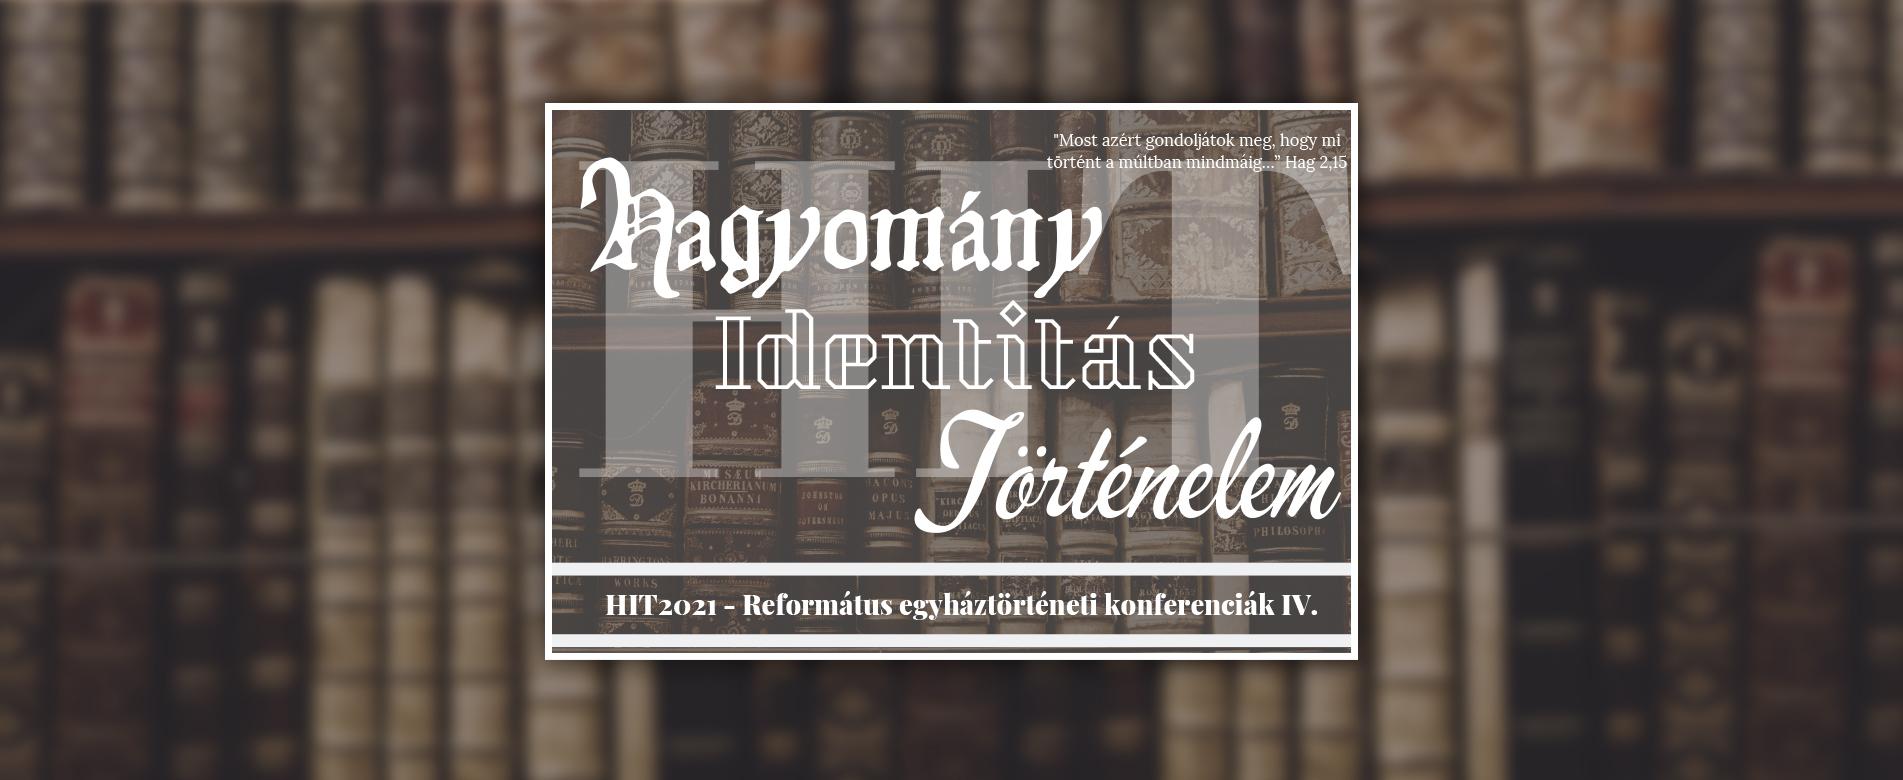 HIT2021 konferencia